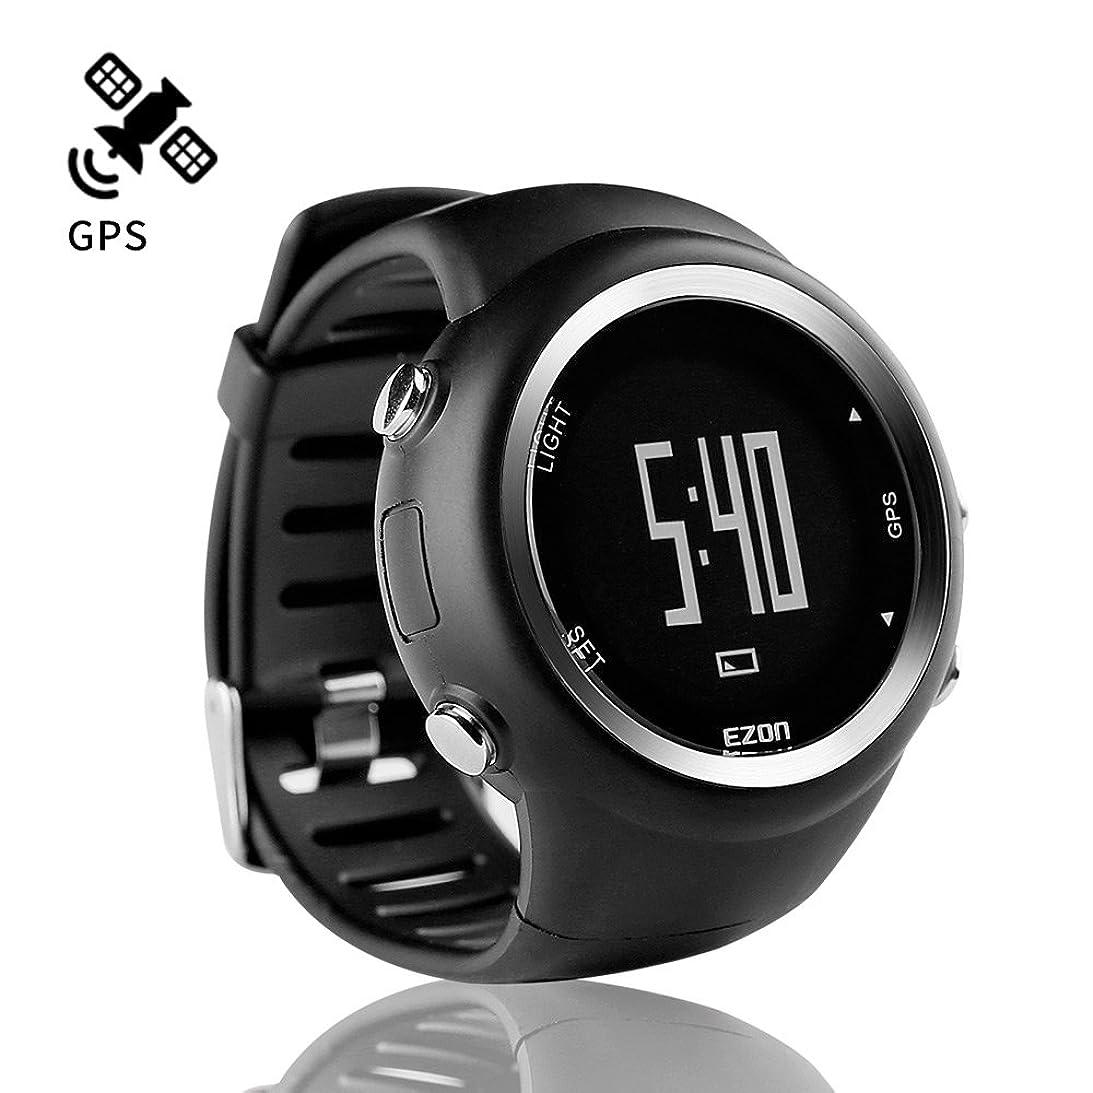 倫理的ゴミ箱切るランニングウォッチ GPS 腕時計 デジタル ウォッチ 防水 軽量 Bluetooth搭載 歩数計 EZONT031B01